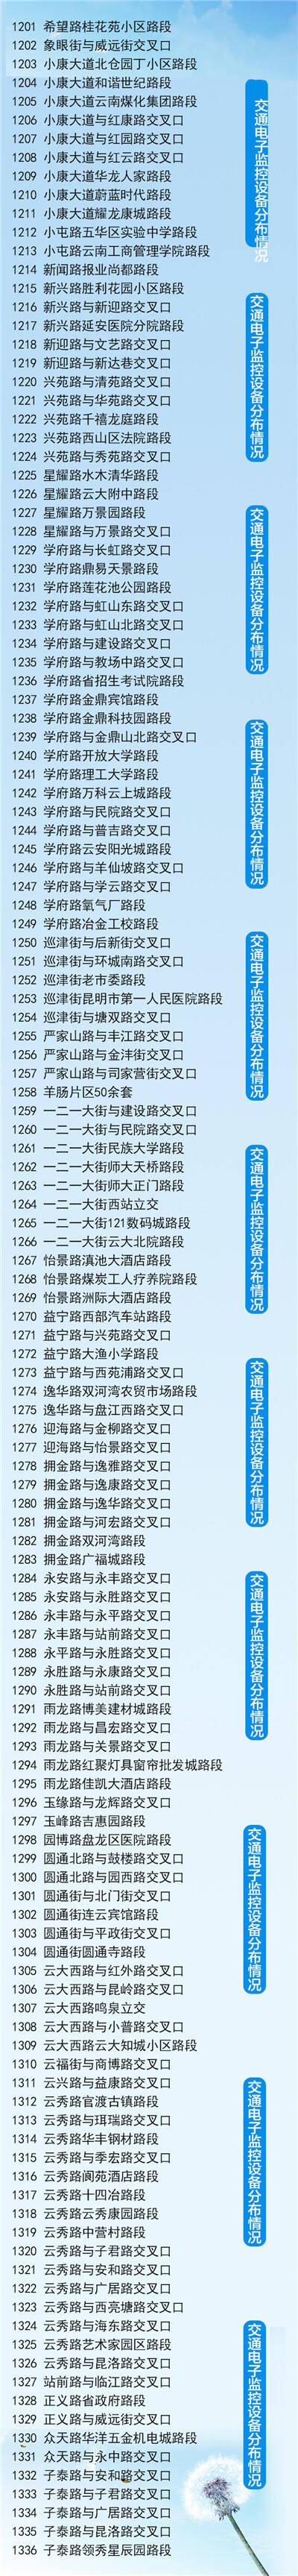 13_副本1.jpg